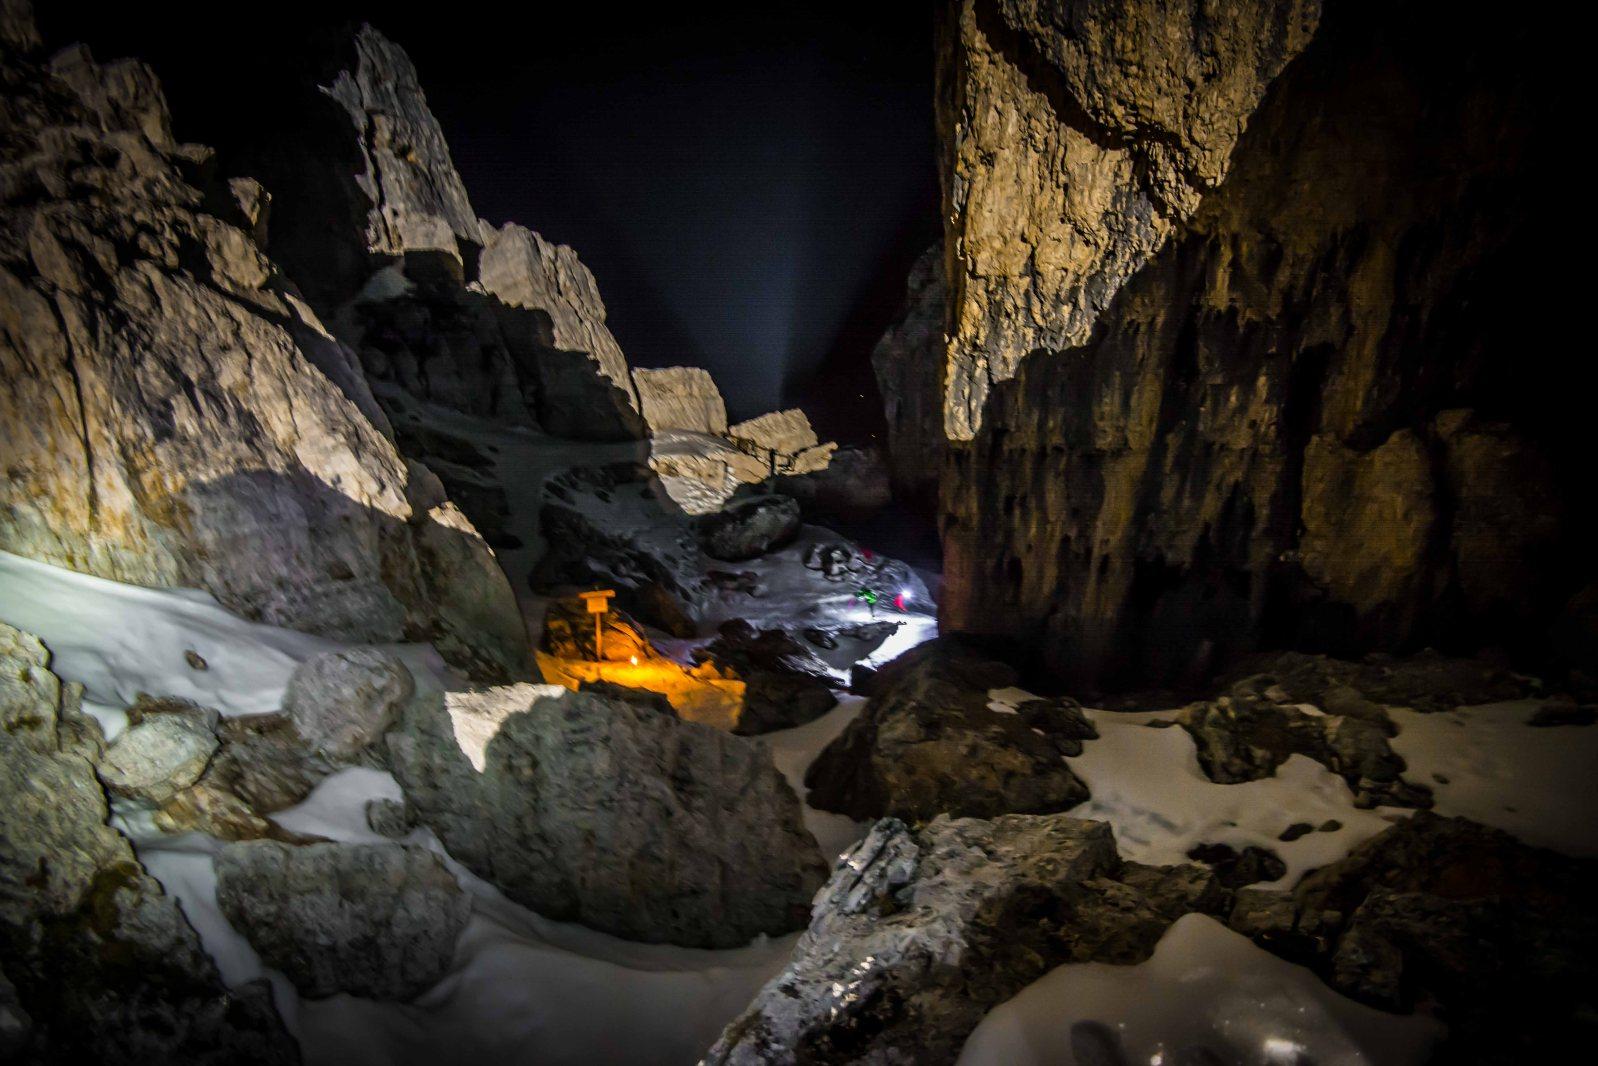 Skialp 5 Torri 2017, passaggio tra le torri alla luce delle fiaccole